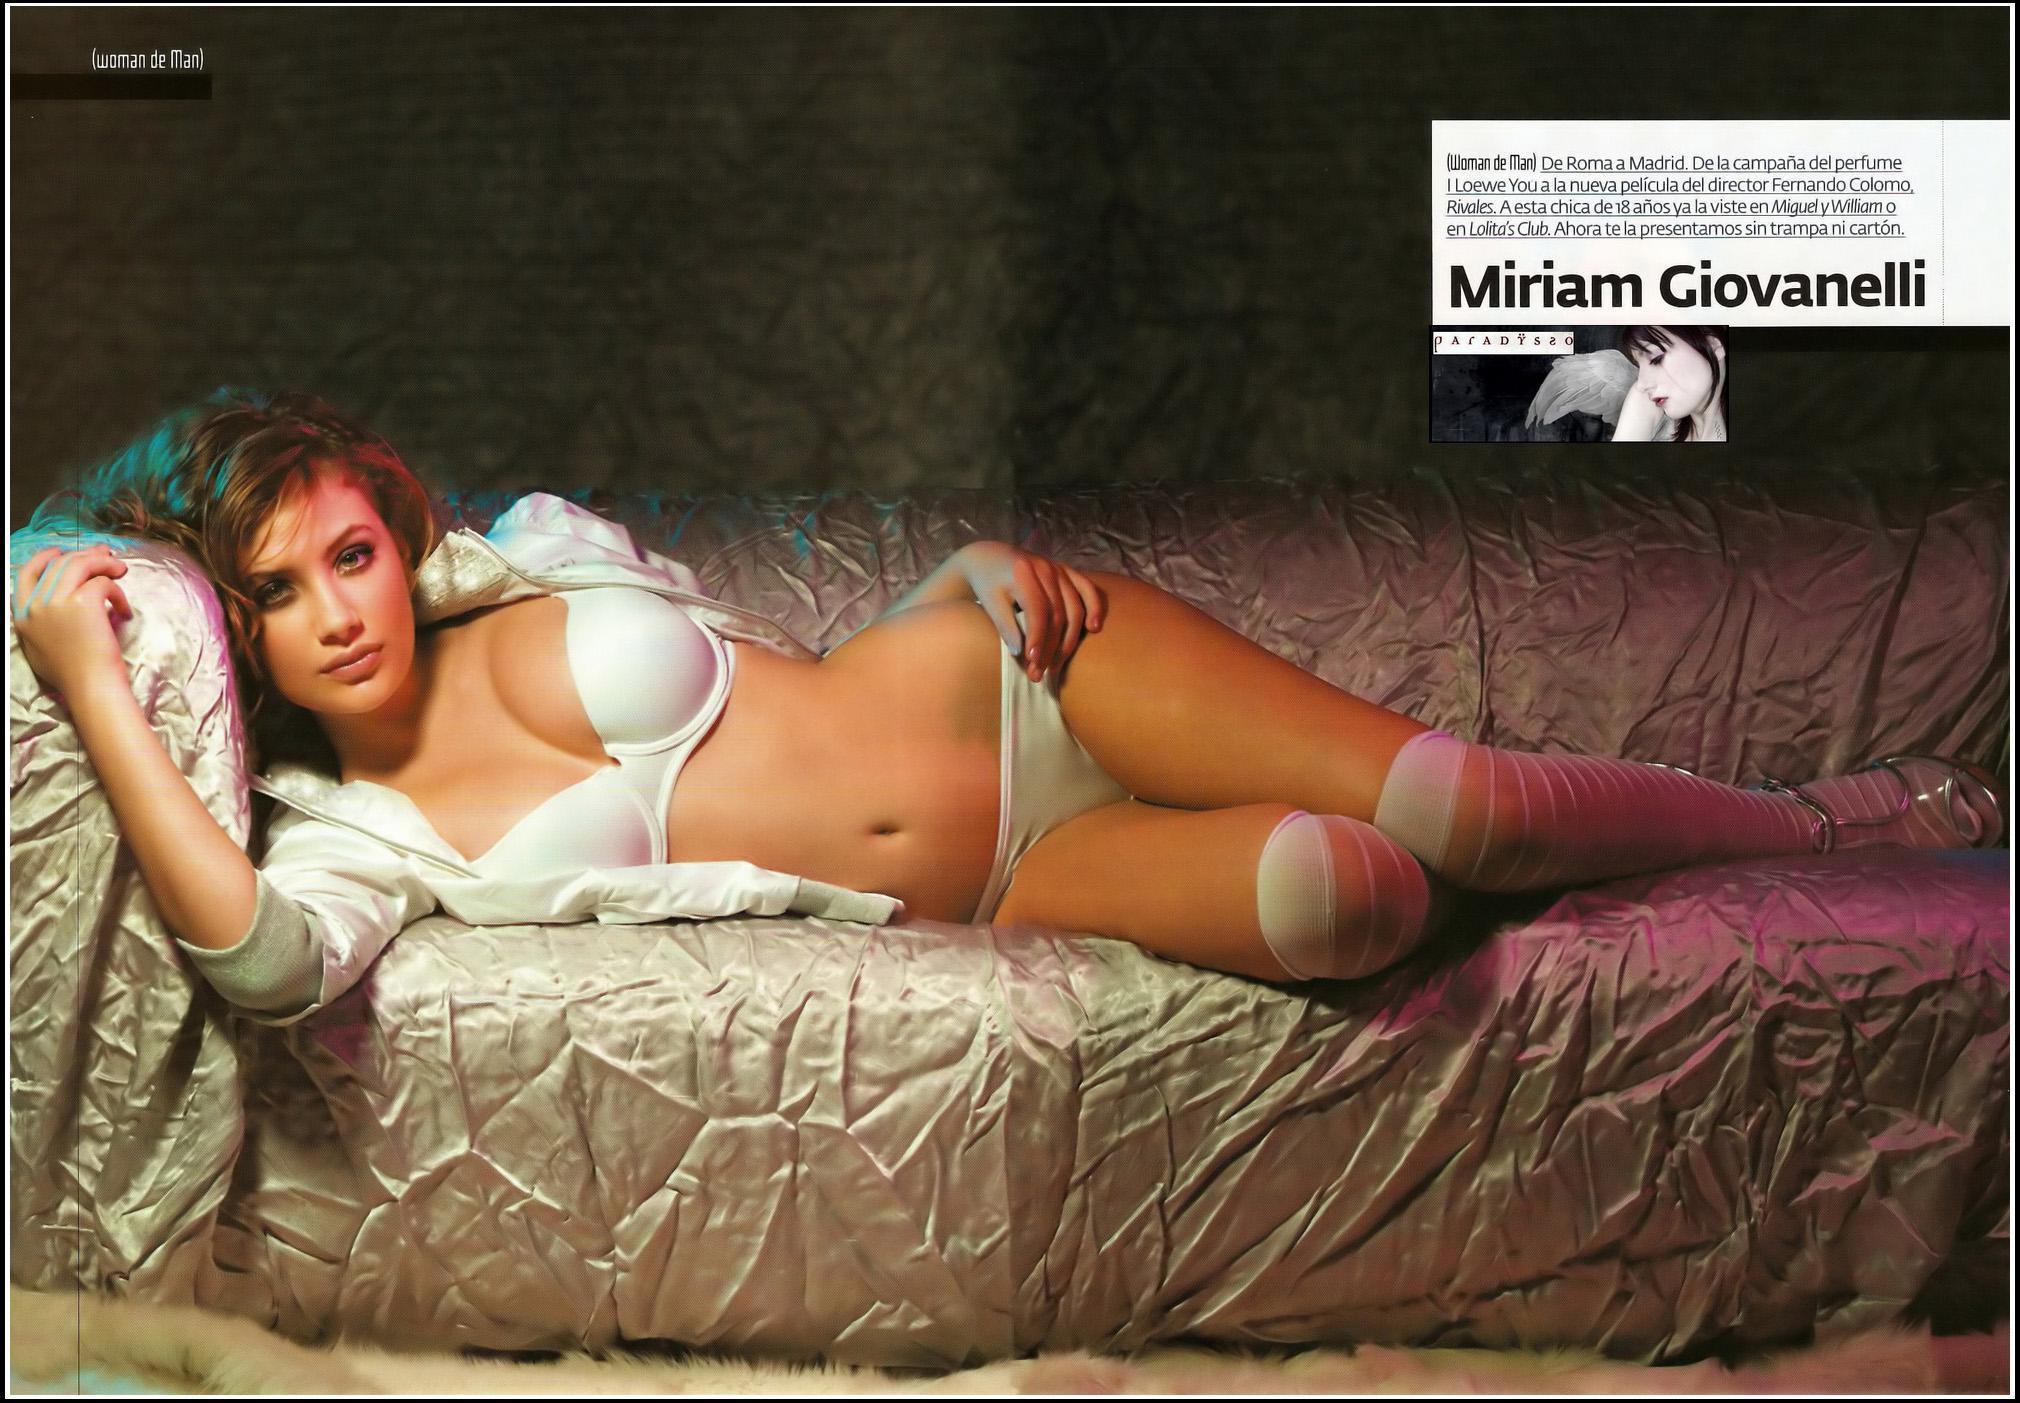 Miriam Giovanelli pillada desnuda 1